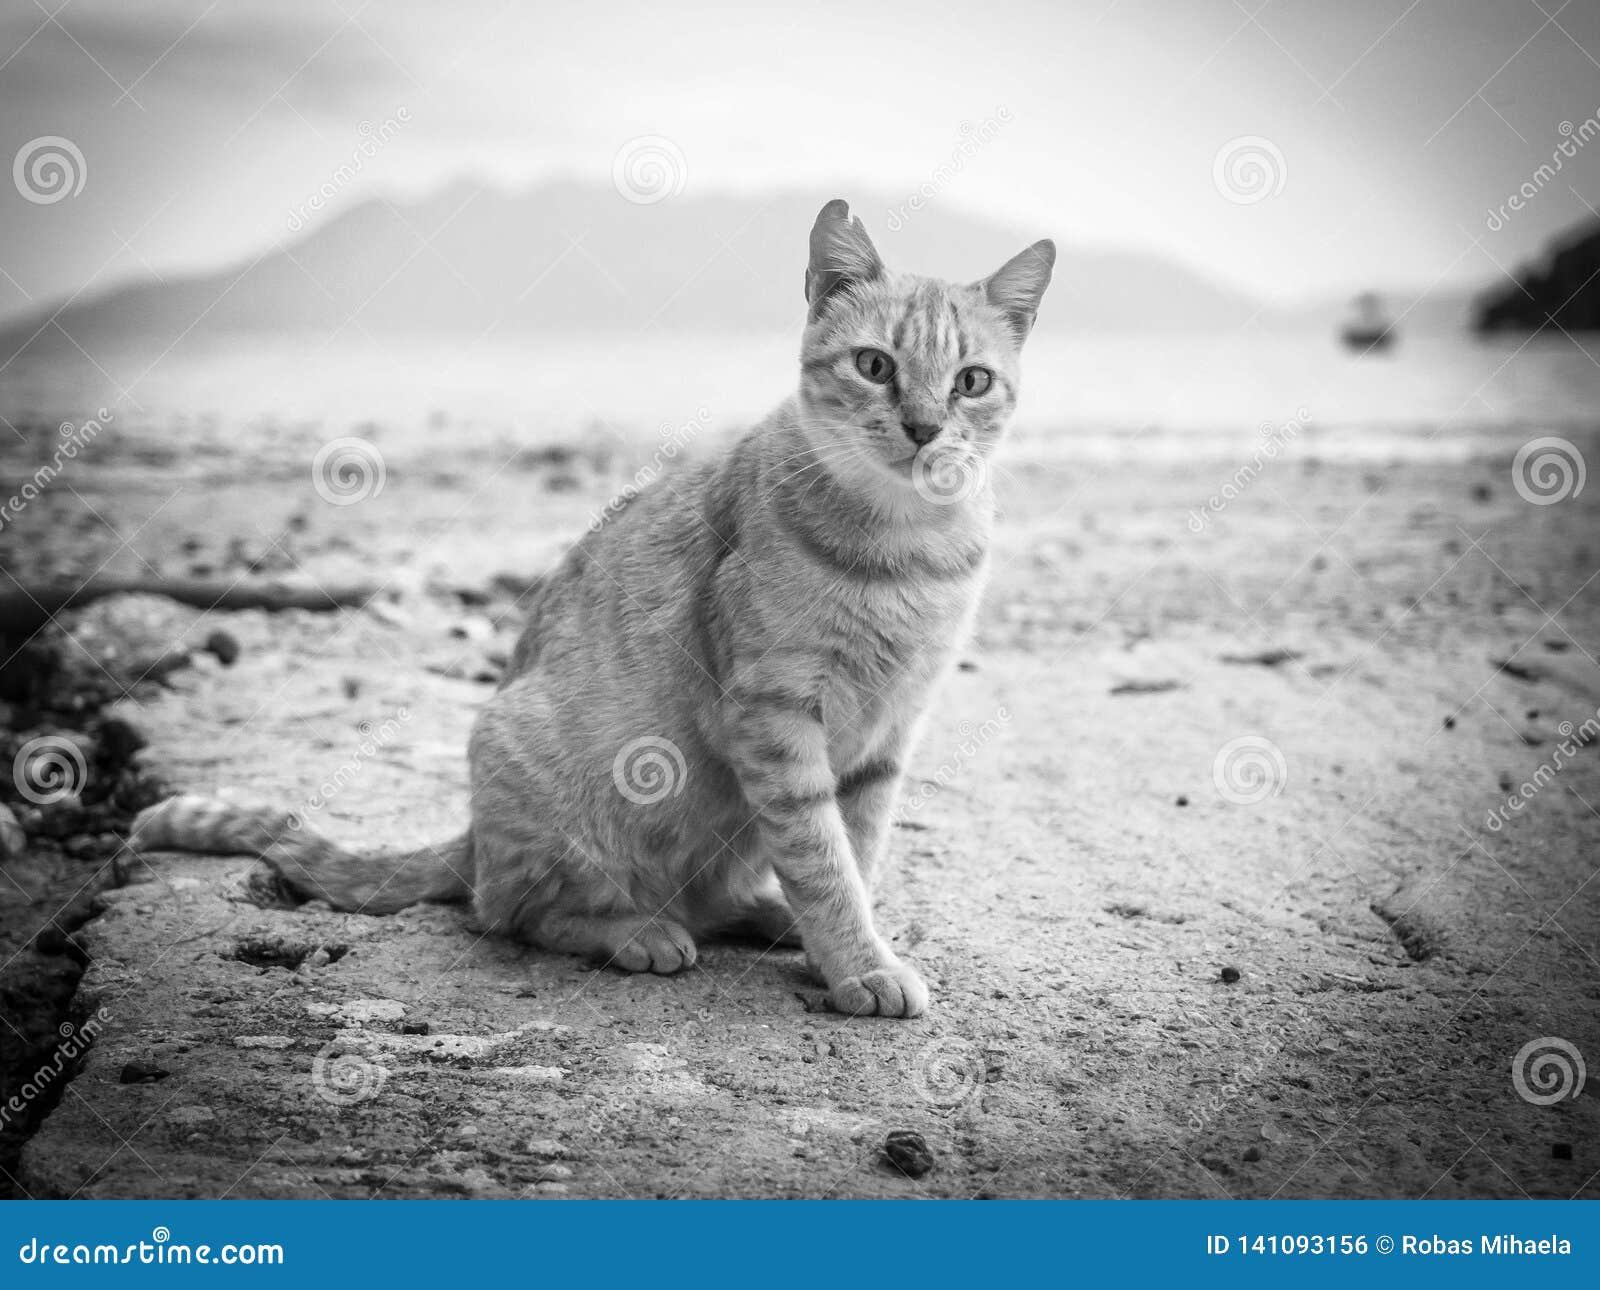 Gatto Arancio Che Cammina Sulla Spiaggia Nelle Immagini In